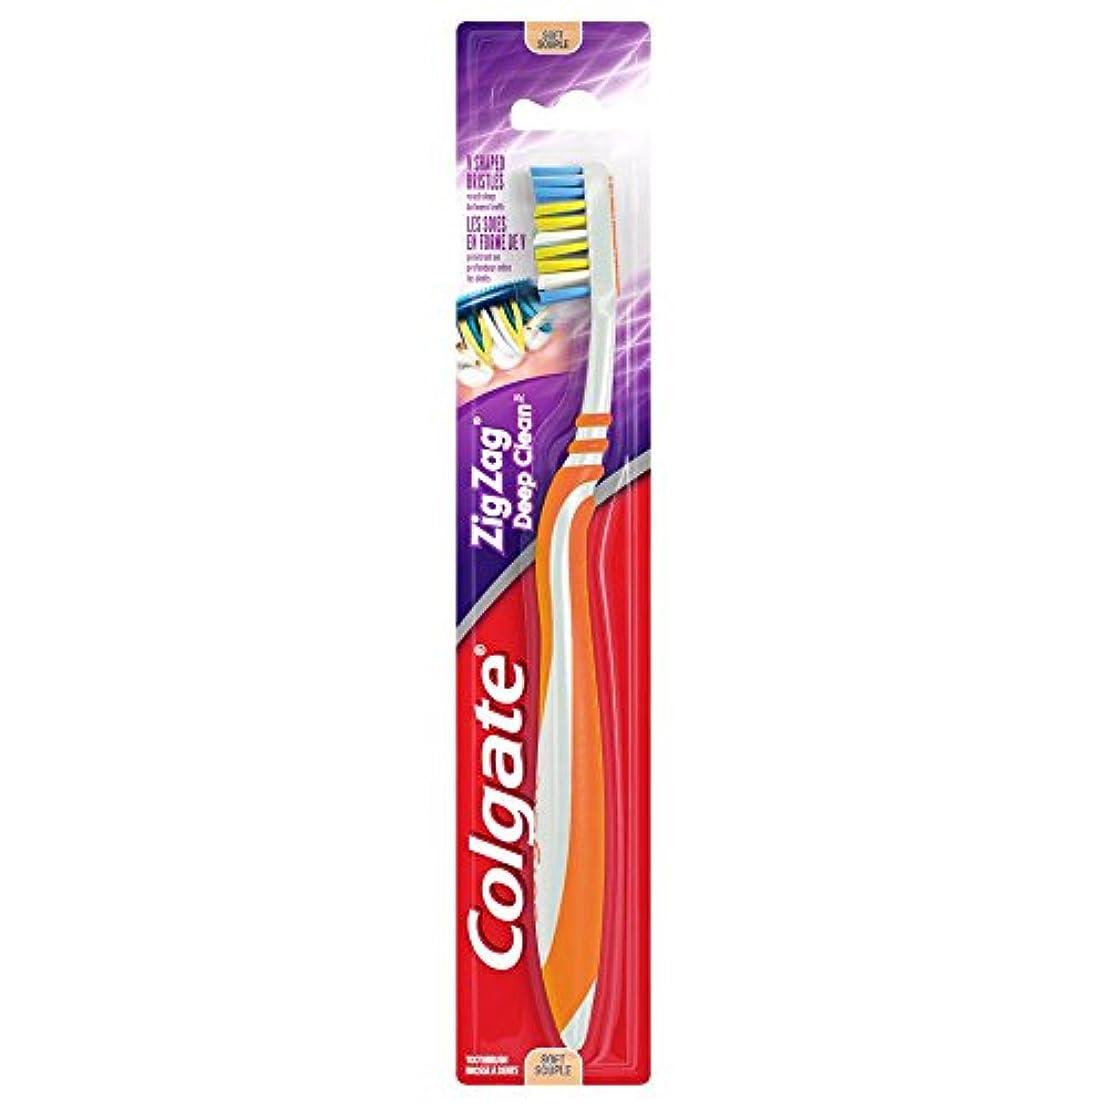 クレデンシャル適用する再現するColgate ジグザグディープクリーン歯ブラシ、ソフト - 6パック